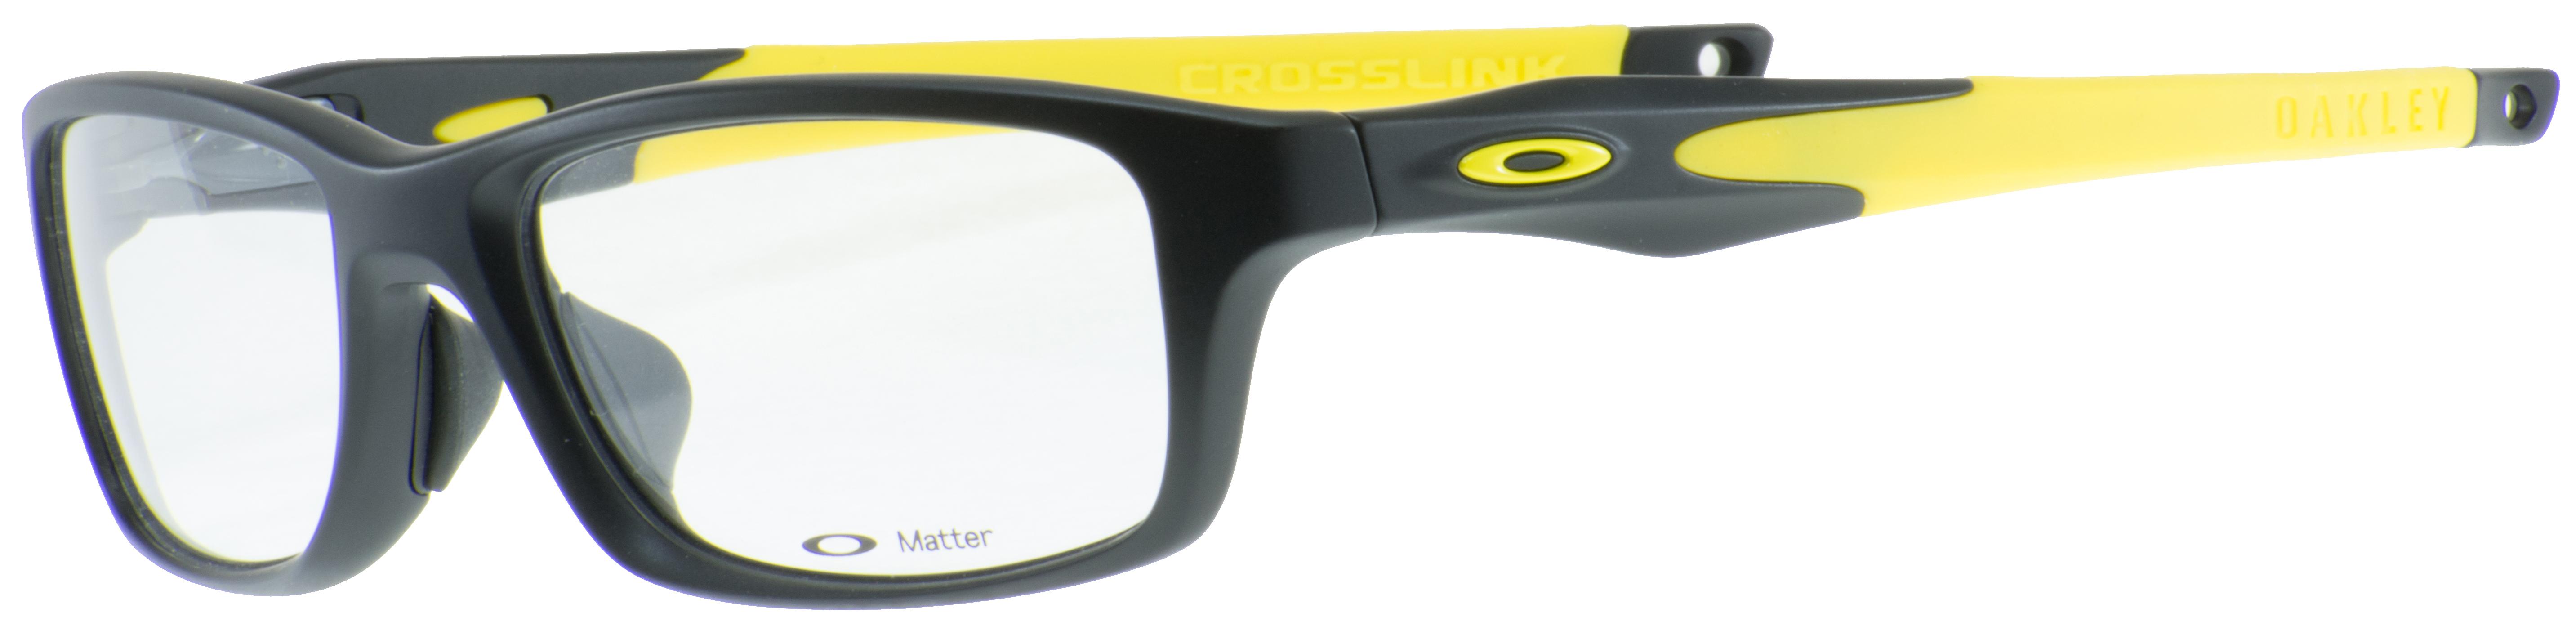 OAKLEY CROSSLINK RANGE Lemon Peel 1090042401